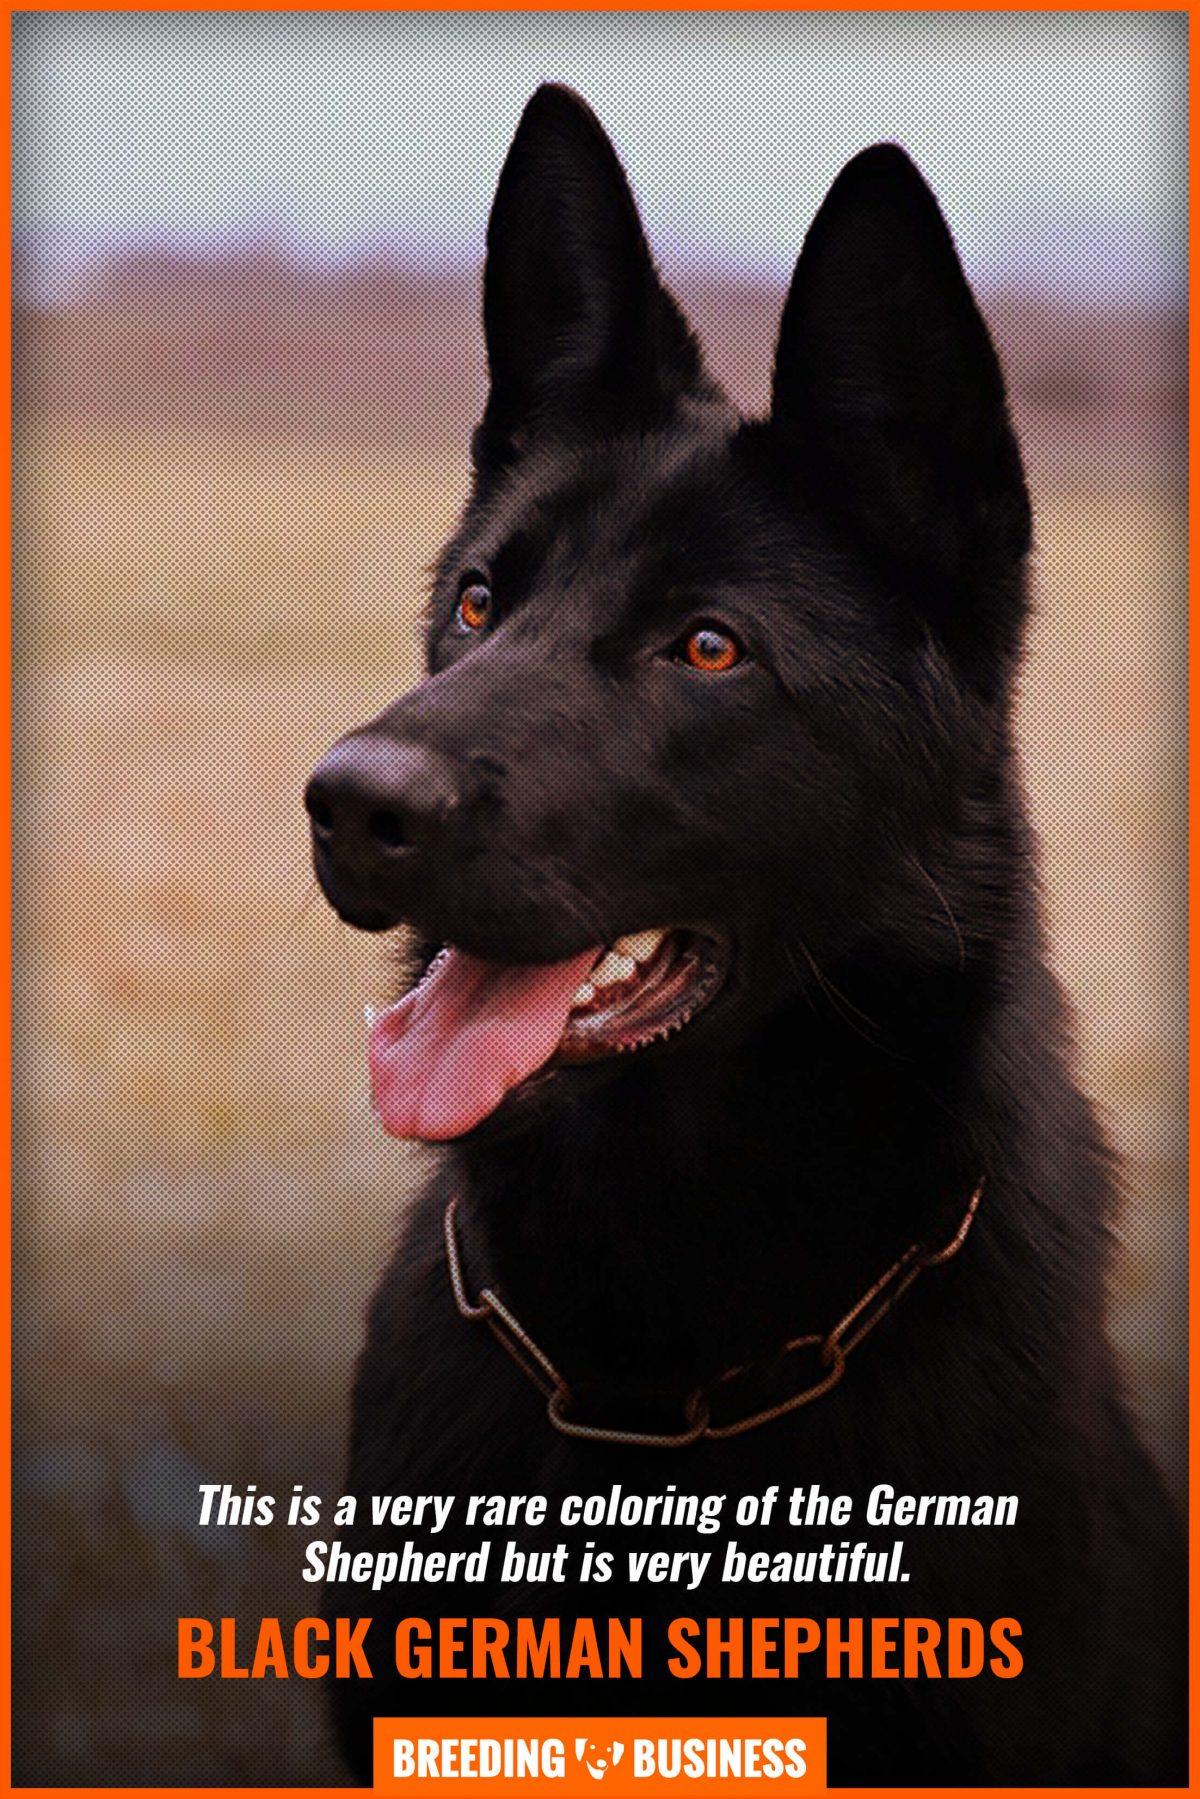 black breed german shepherds